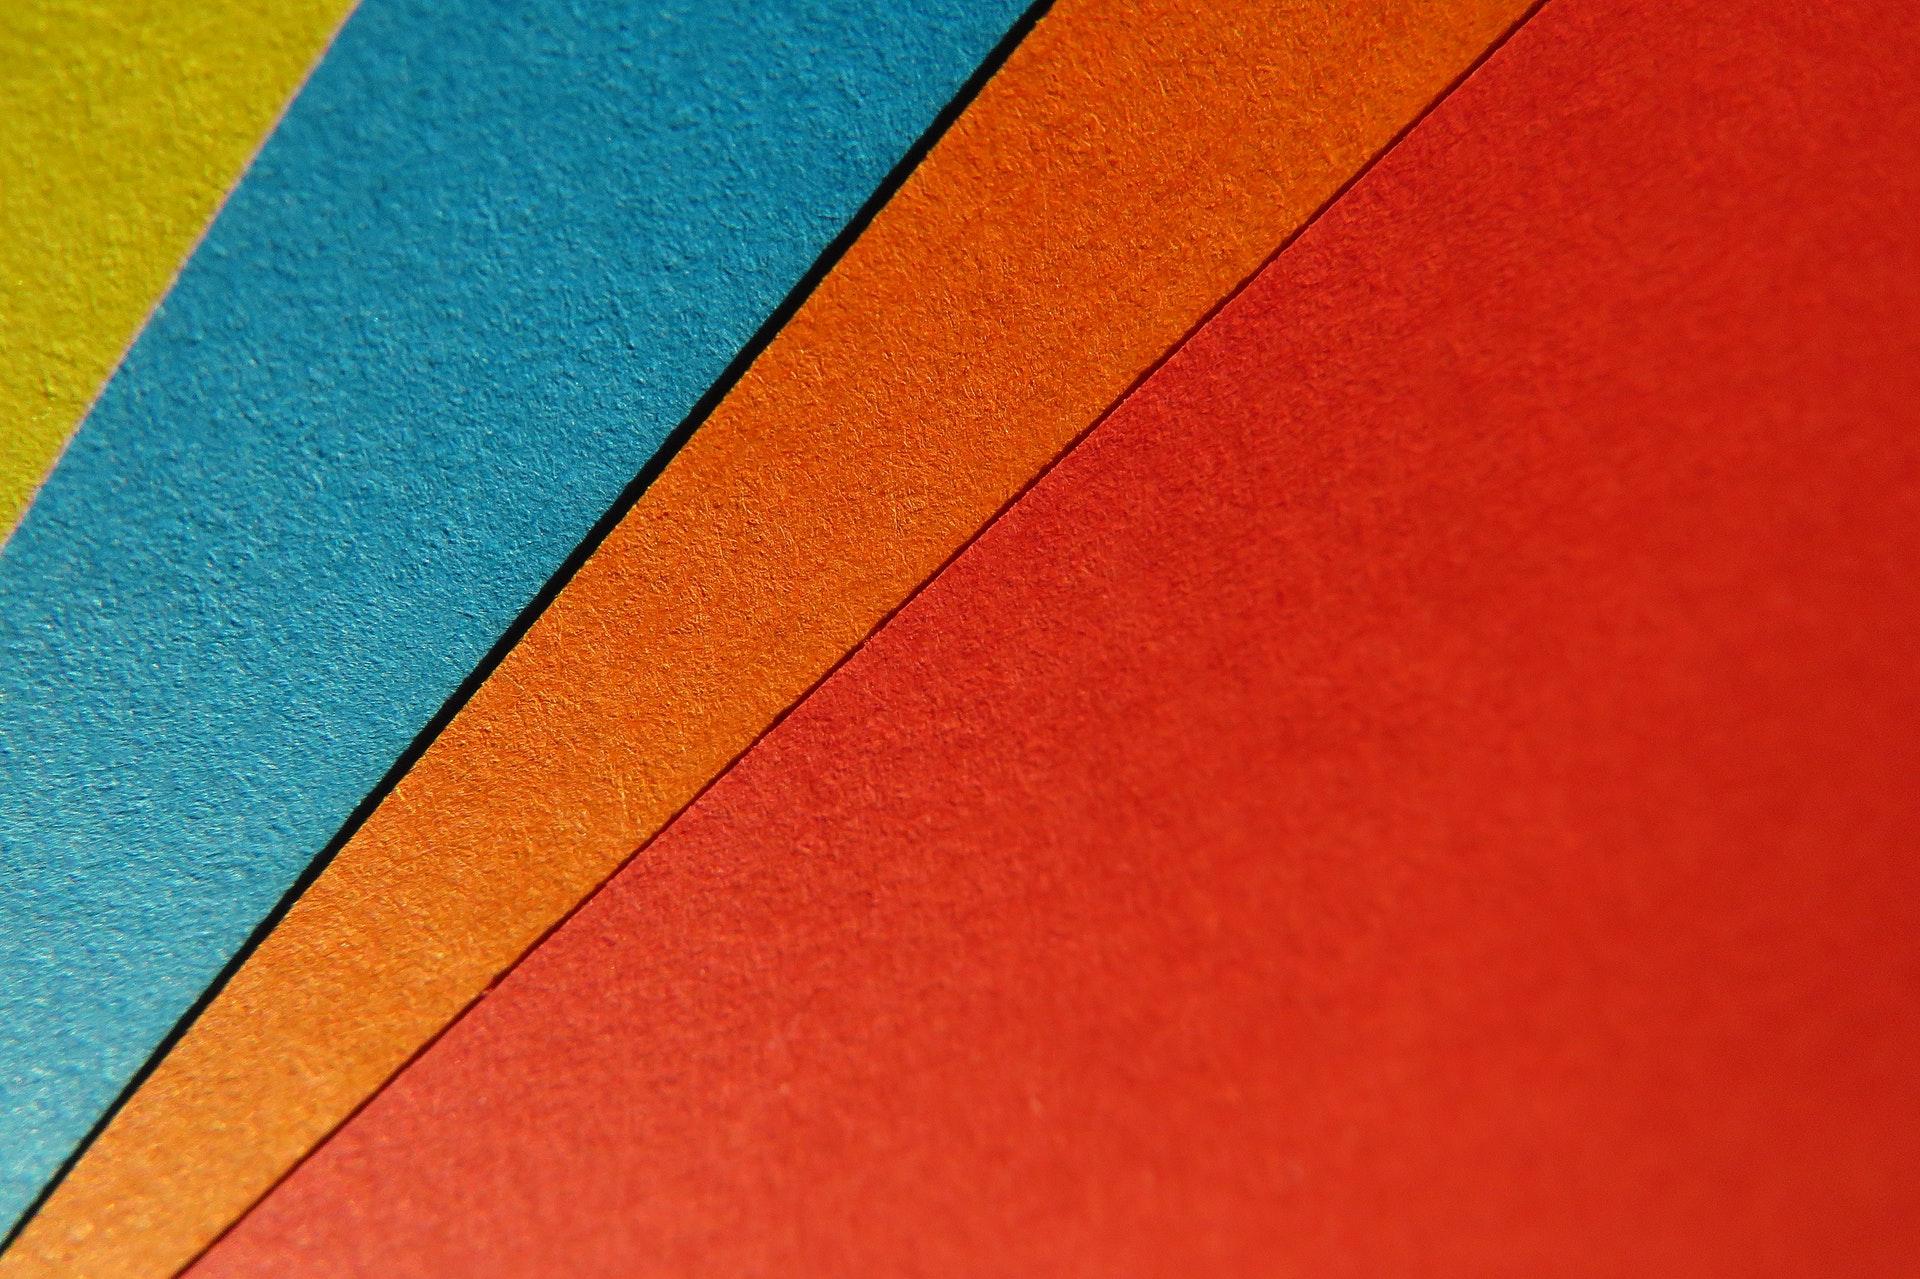 ¿Qué es el papel verjurado? Características y usos